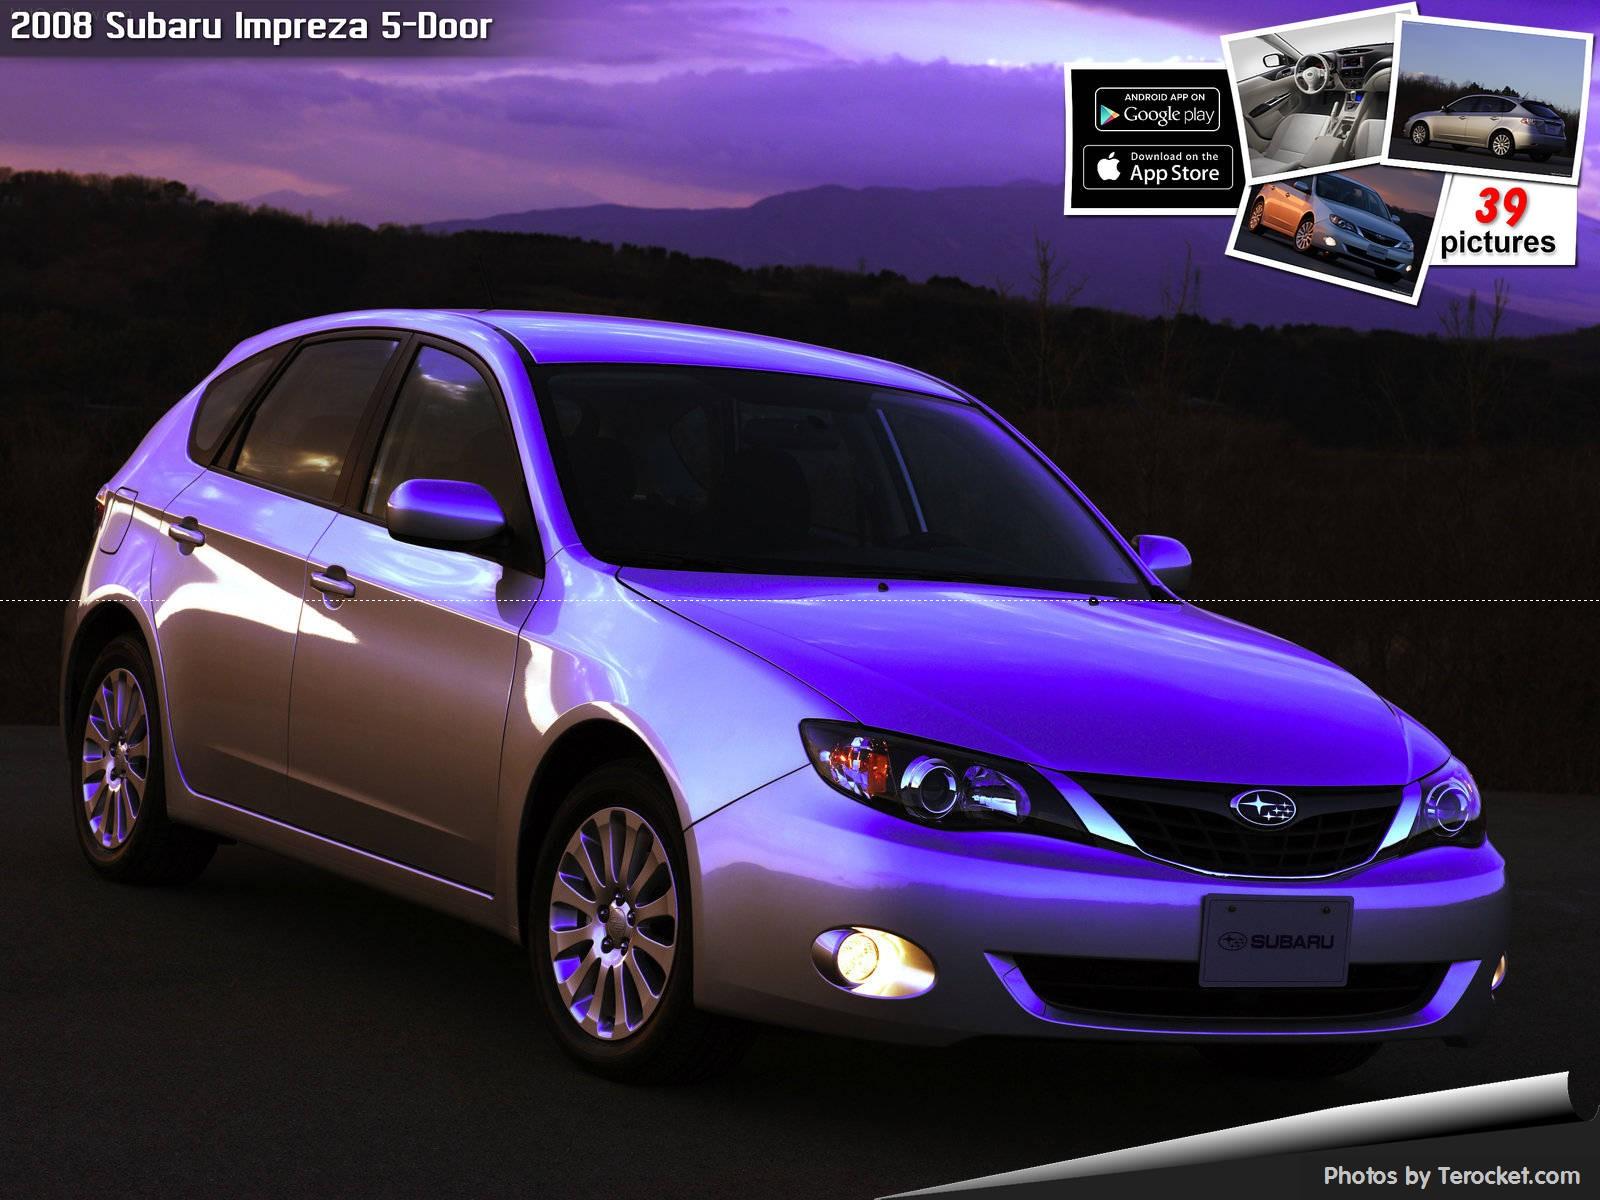 Hình ảnh xe ô tô Subaru Impreza 5-Door 2008 & nội ngoại thất